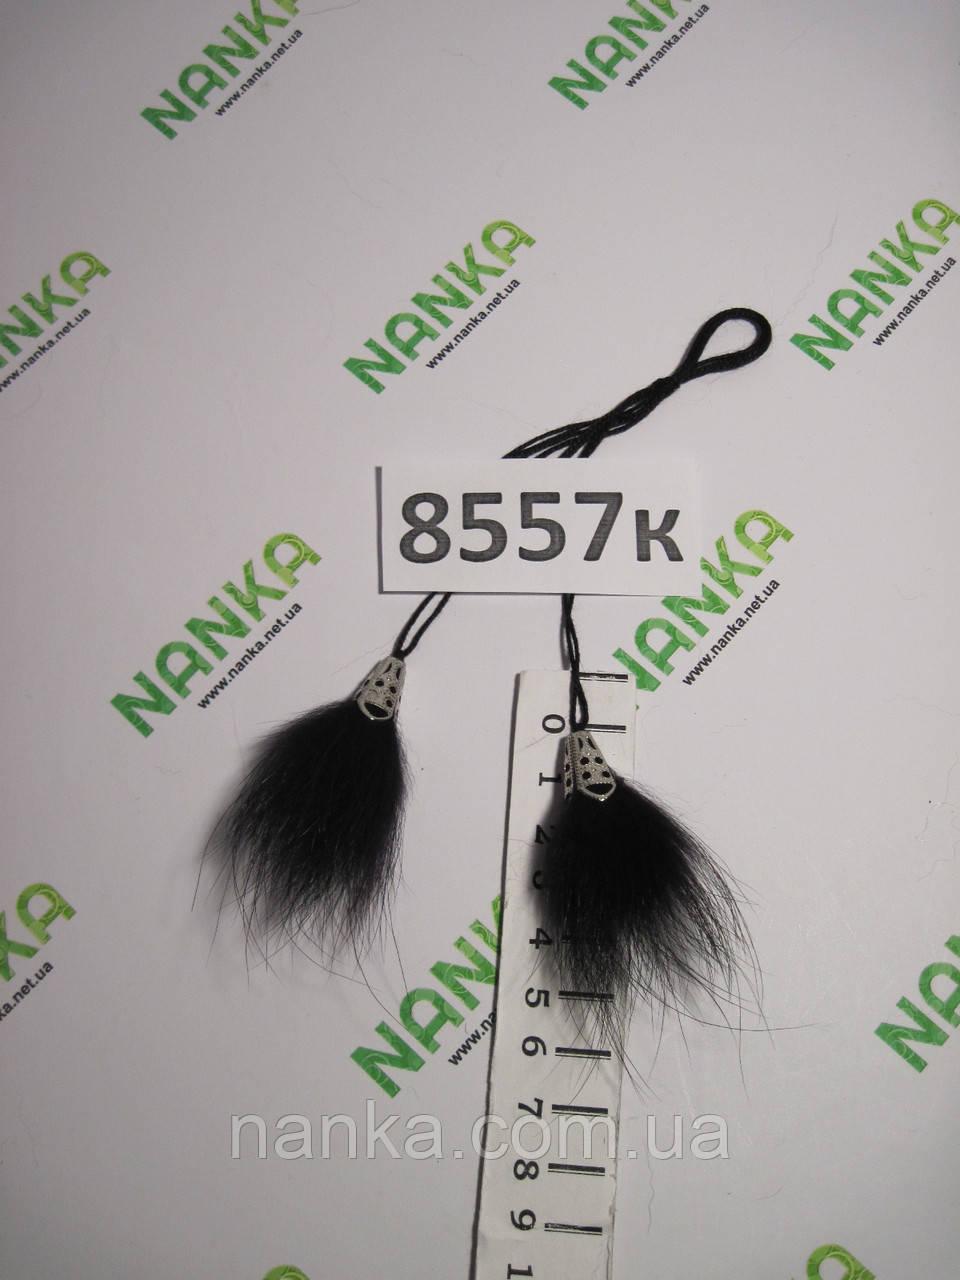 Меховые кисточки Енот, 5 см, 8557к